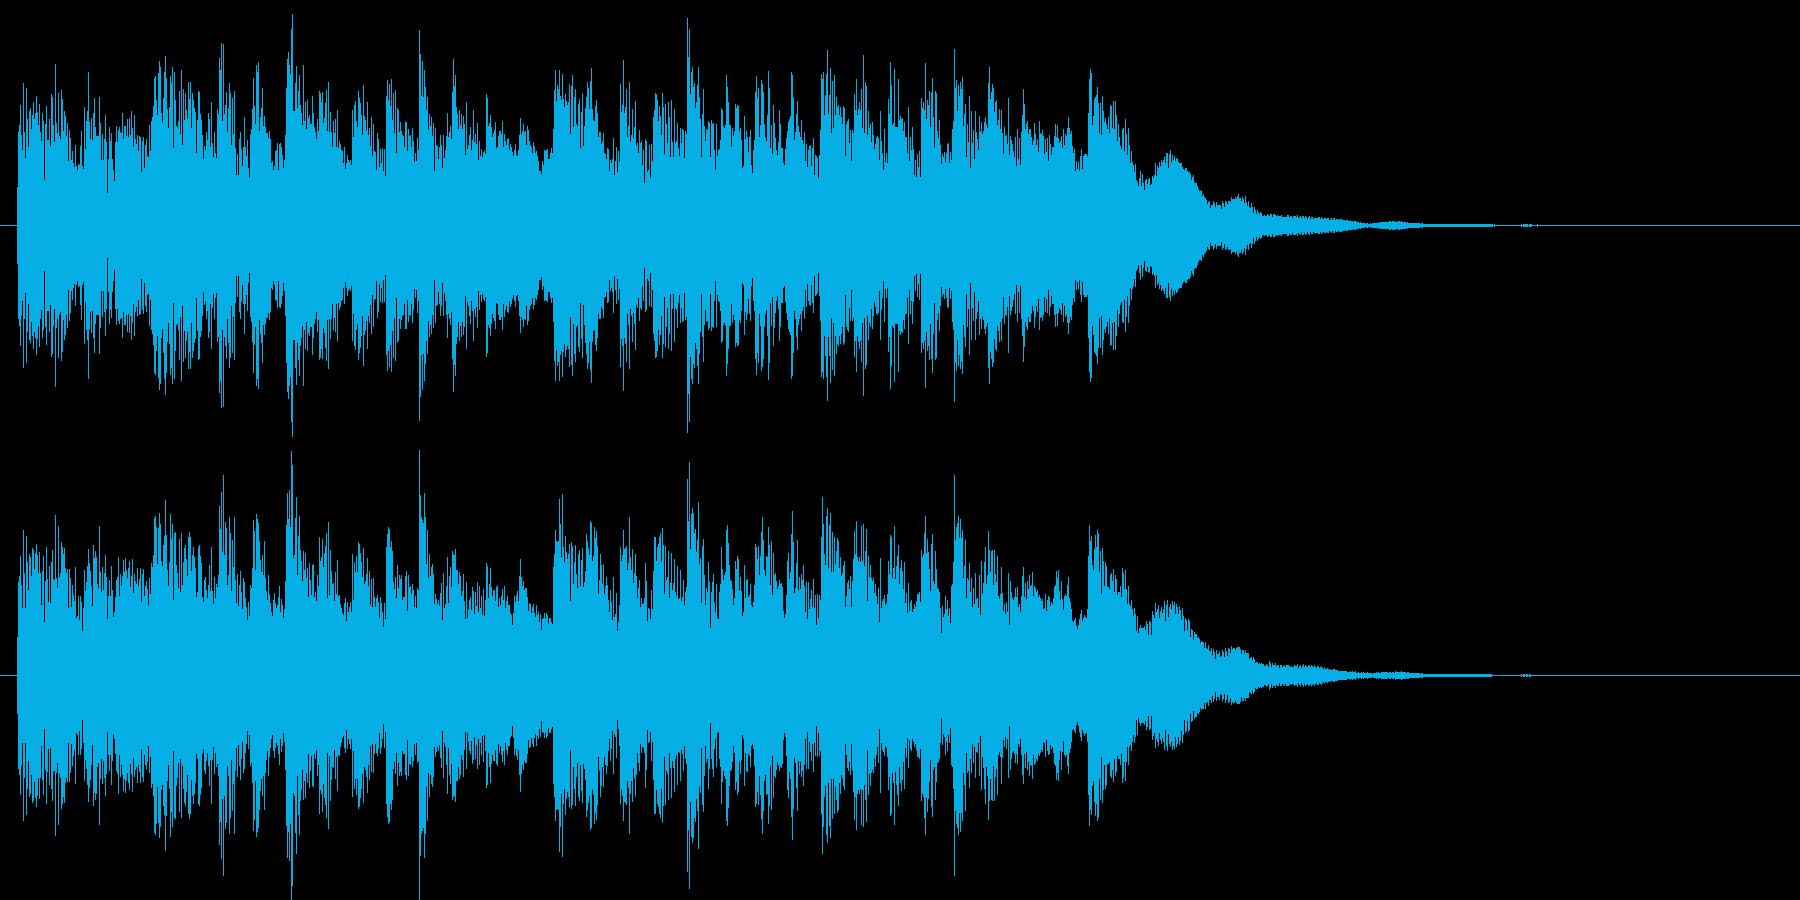 おしらせチャイムの再生済みの波形